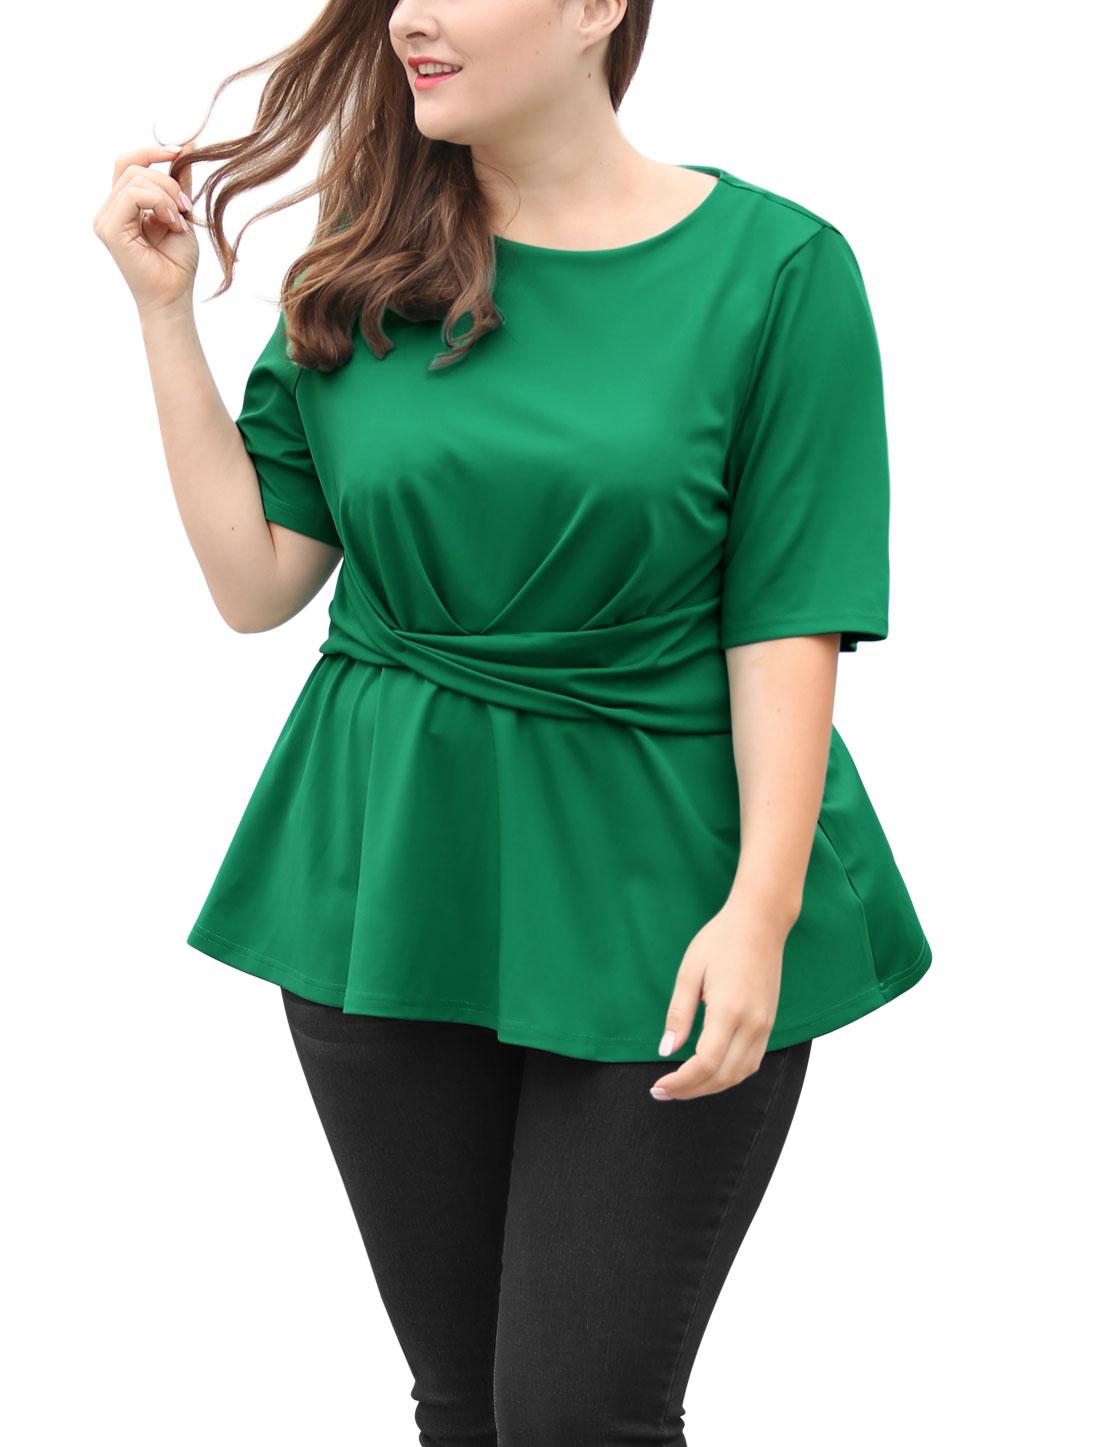 57b710ffb0d Unique Bargains Women s Plus Size Knot Front Short Sleeves Peplum Top Green  (Size 2X)